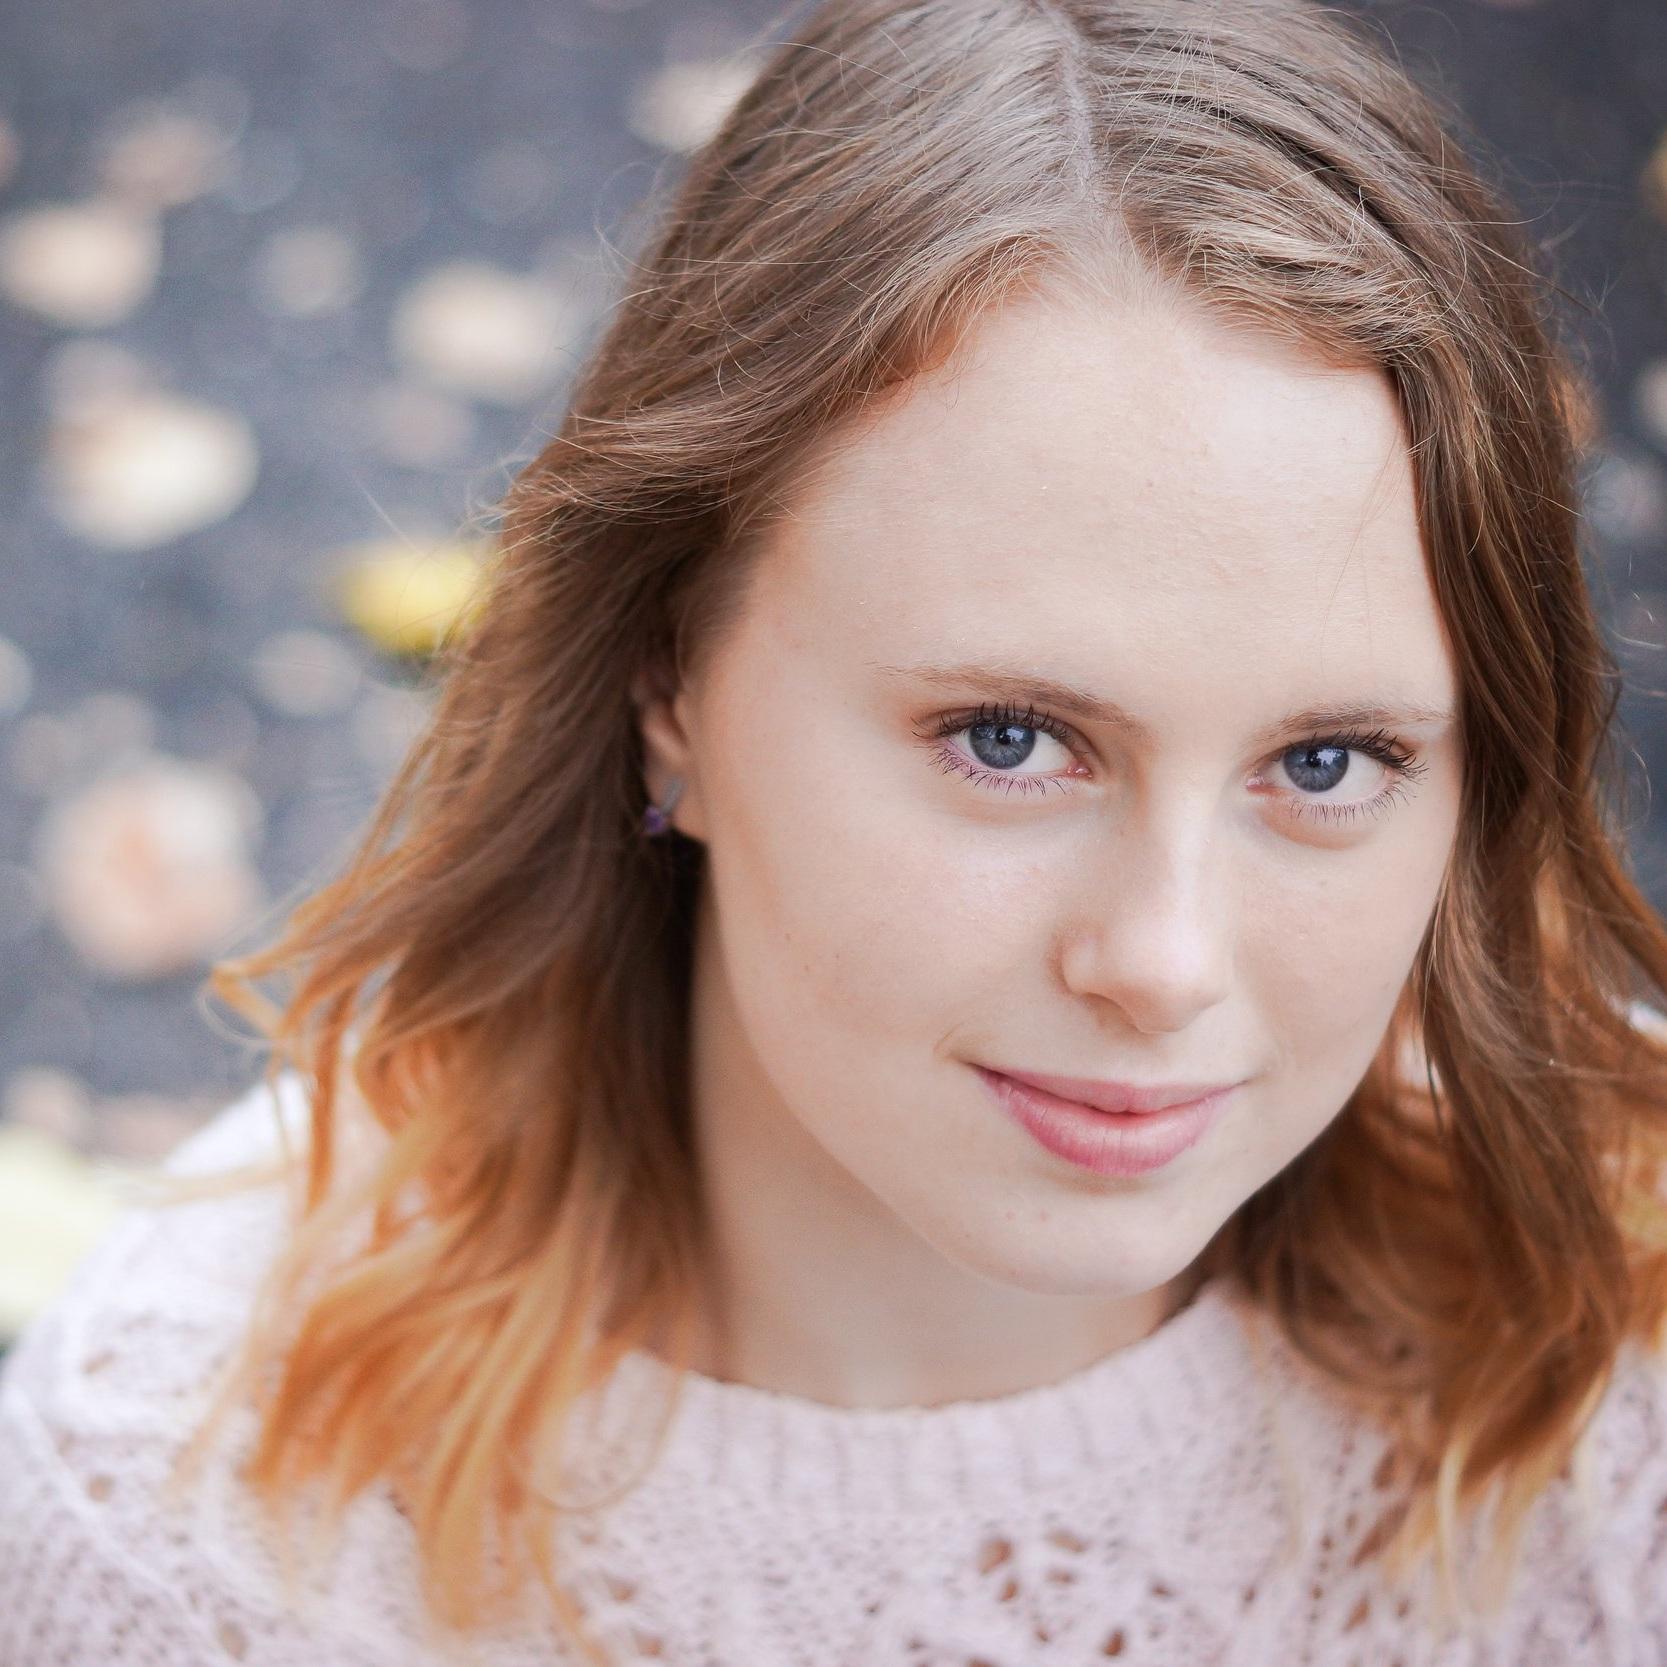 Emily Marie Drozynski